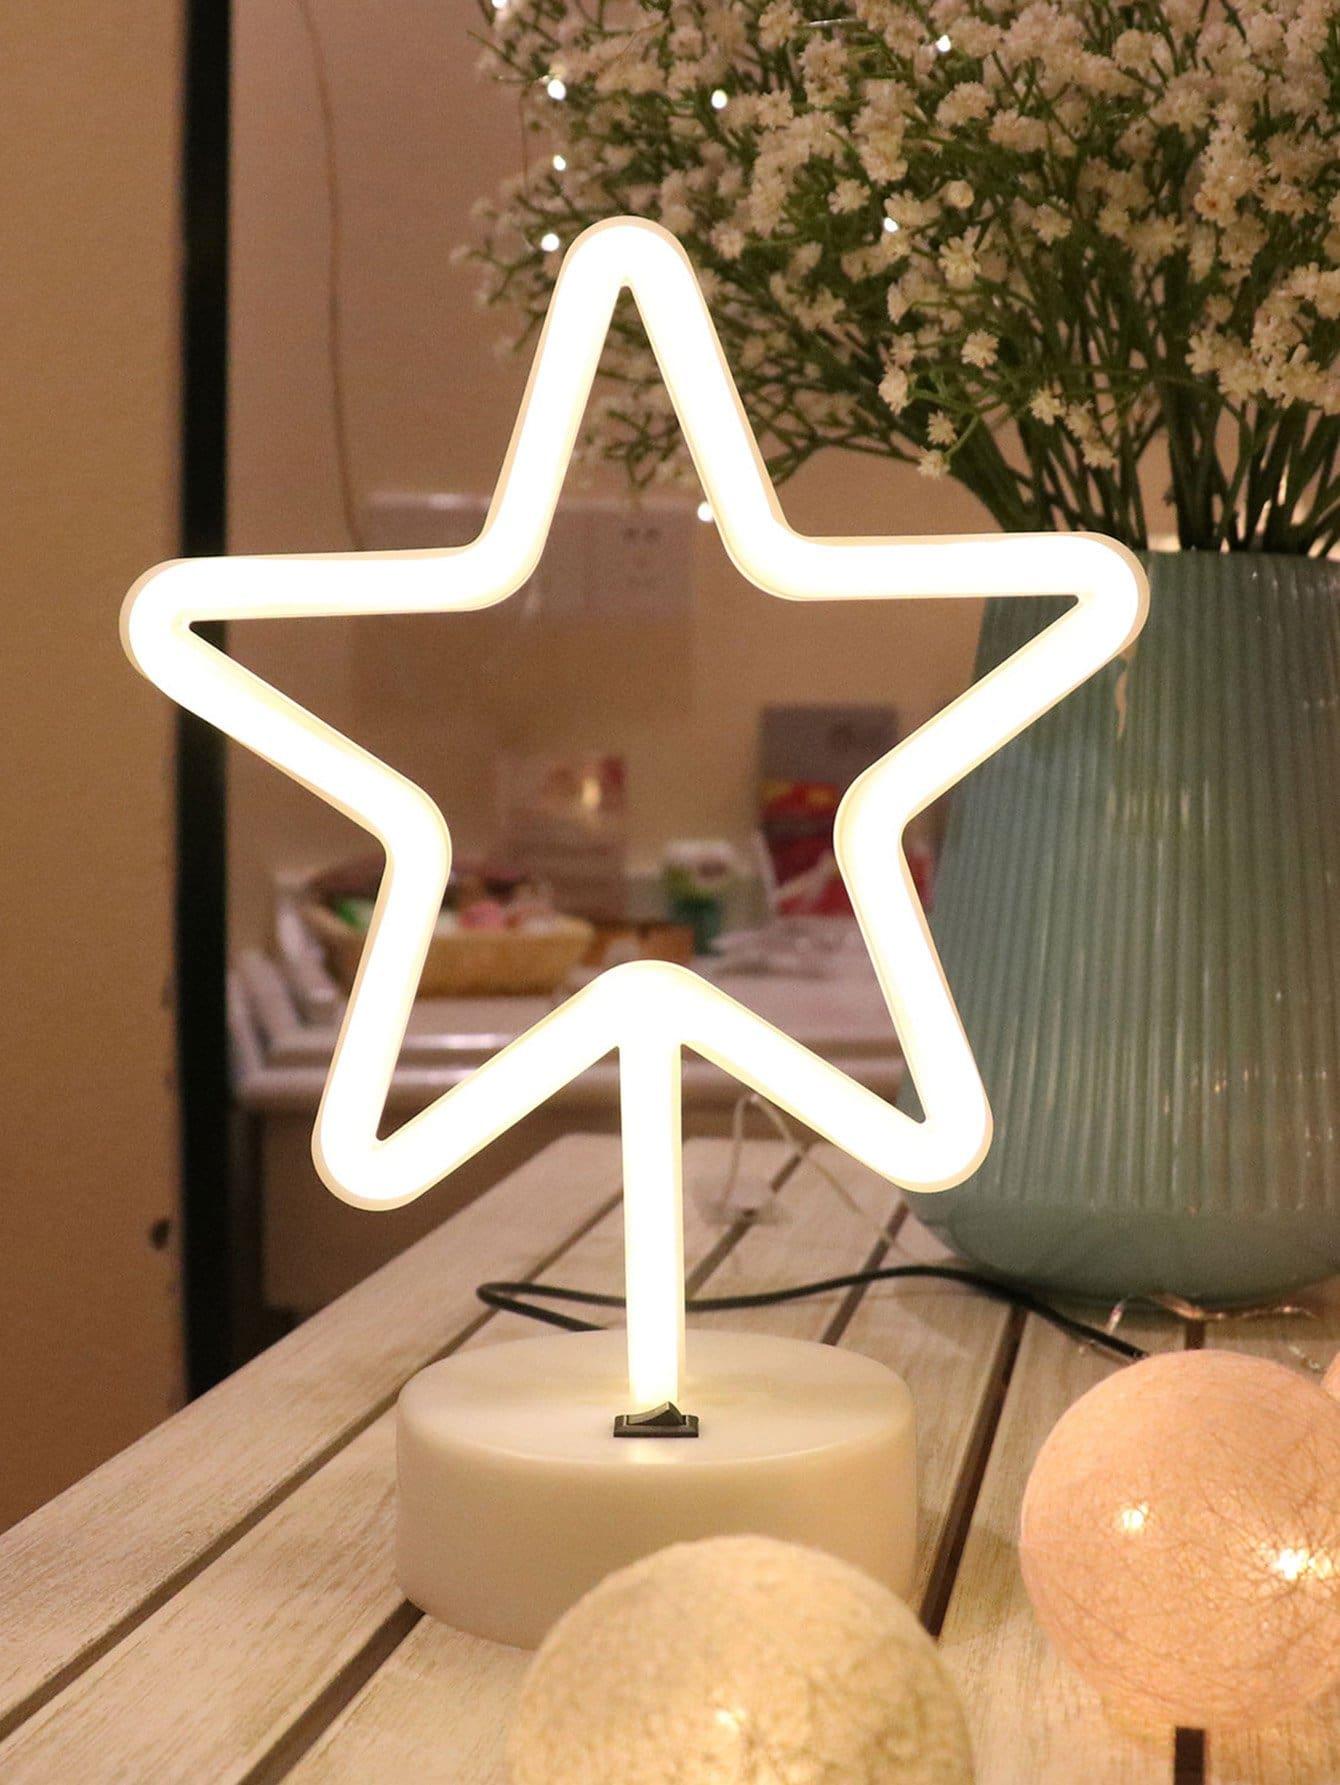 Купить Настольная неоновая лампа в форме звезд, null, SheIn